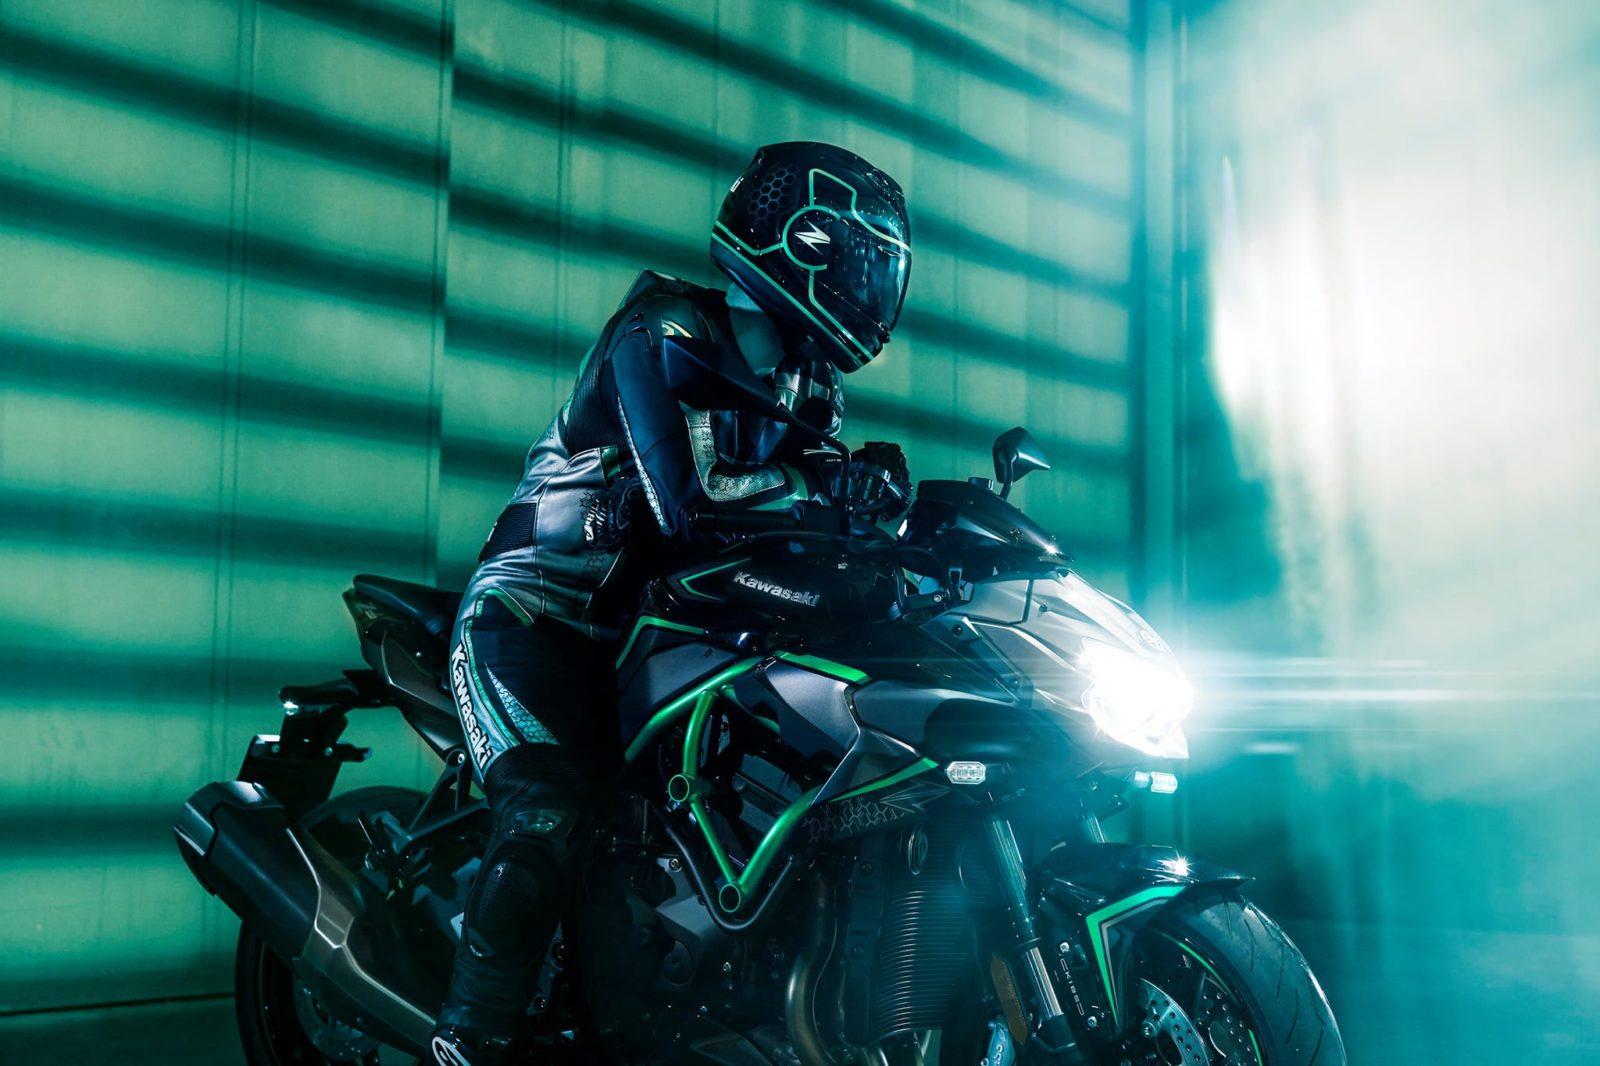 Kawasaki ZH2R